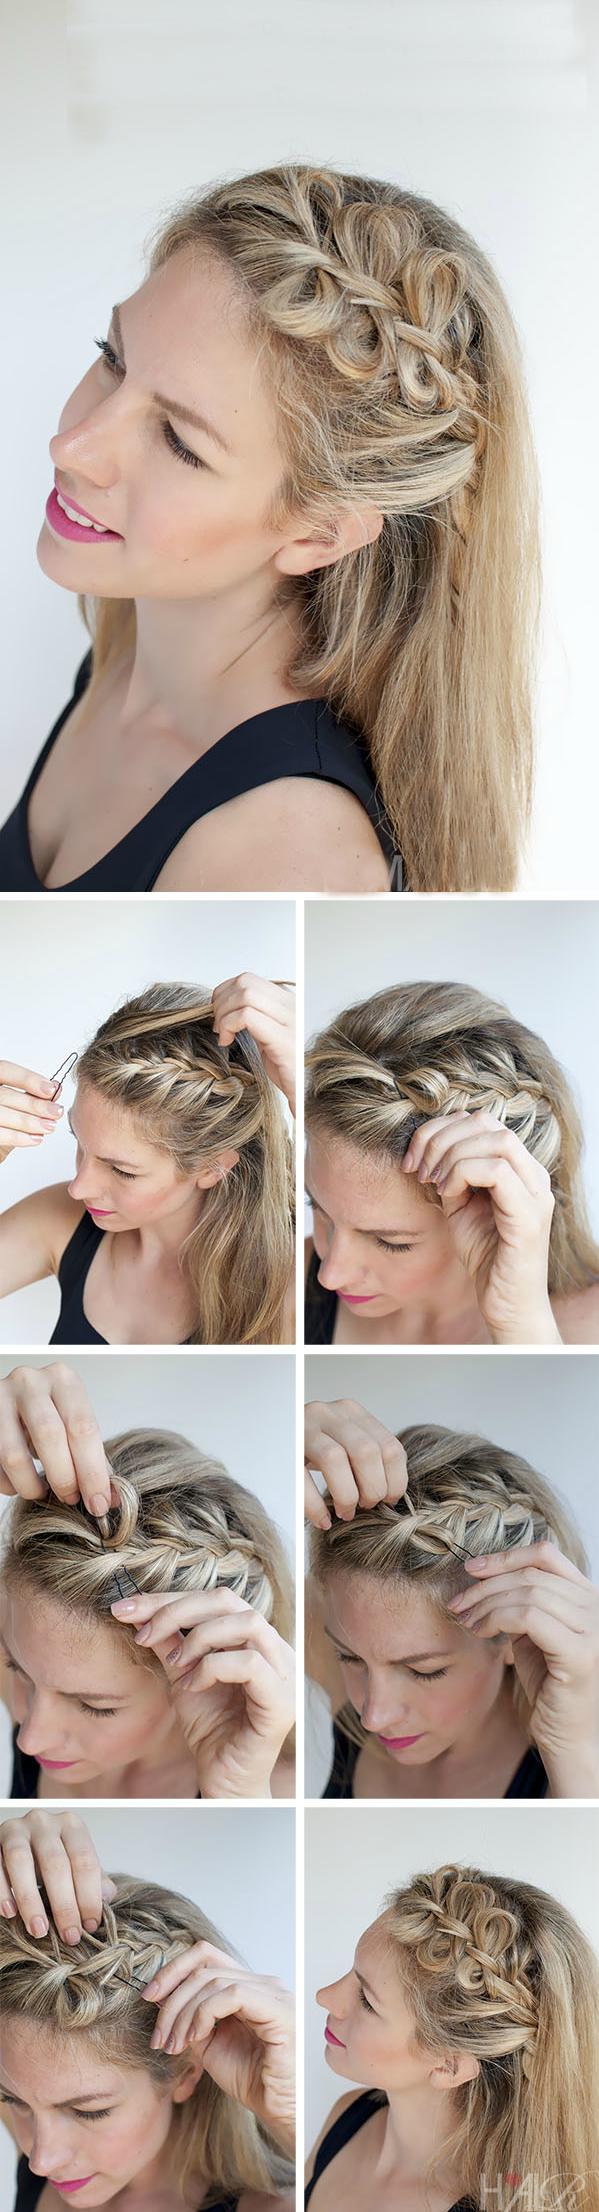 Tolle Frisuren mittellanges Haar: einen seitlichen Zopf flechten